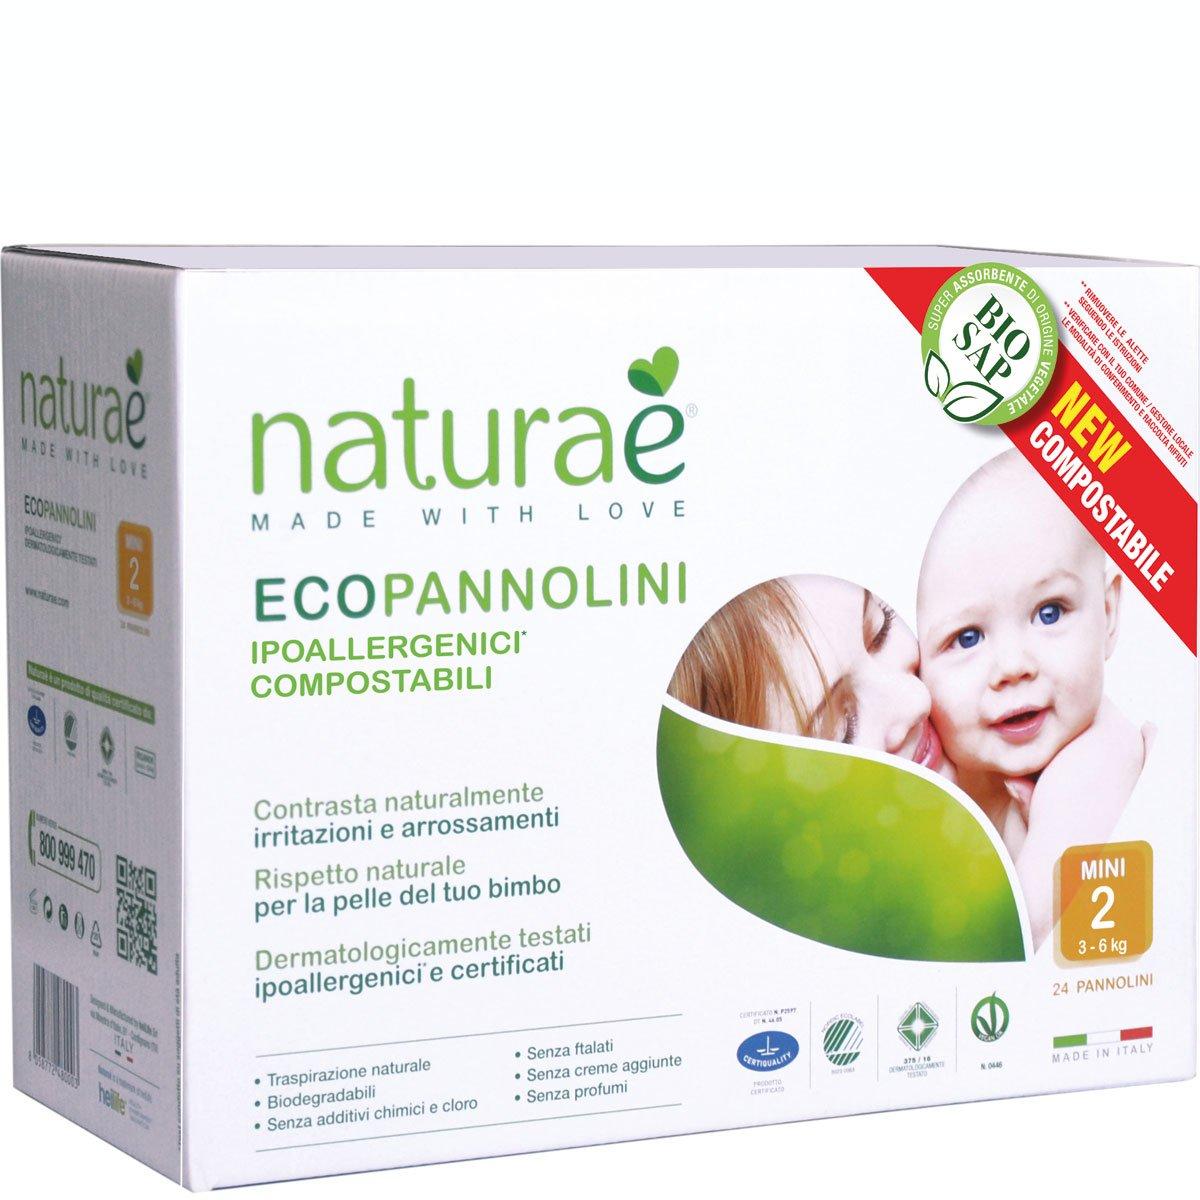 Ecopannolini Compostabili Naturaè® 2 MINI 3-6 kg, 24 pz